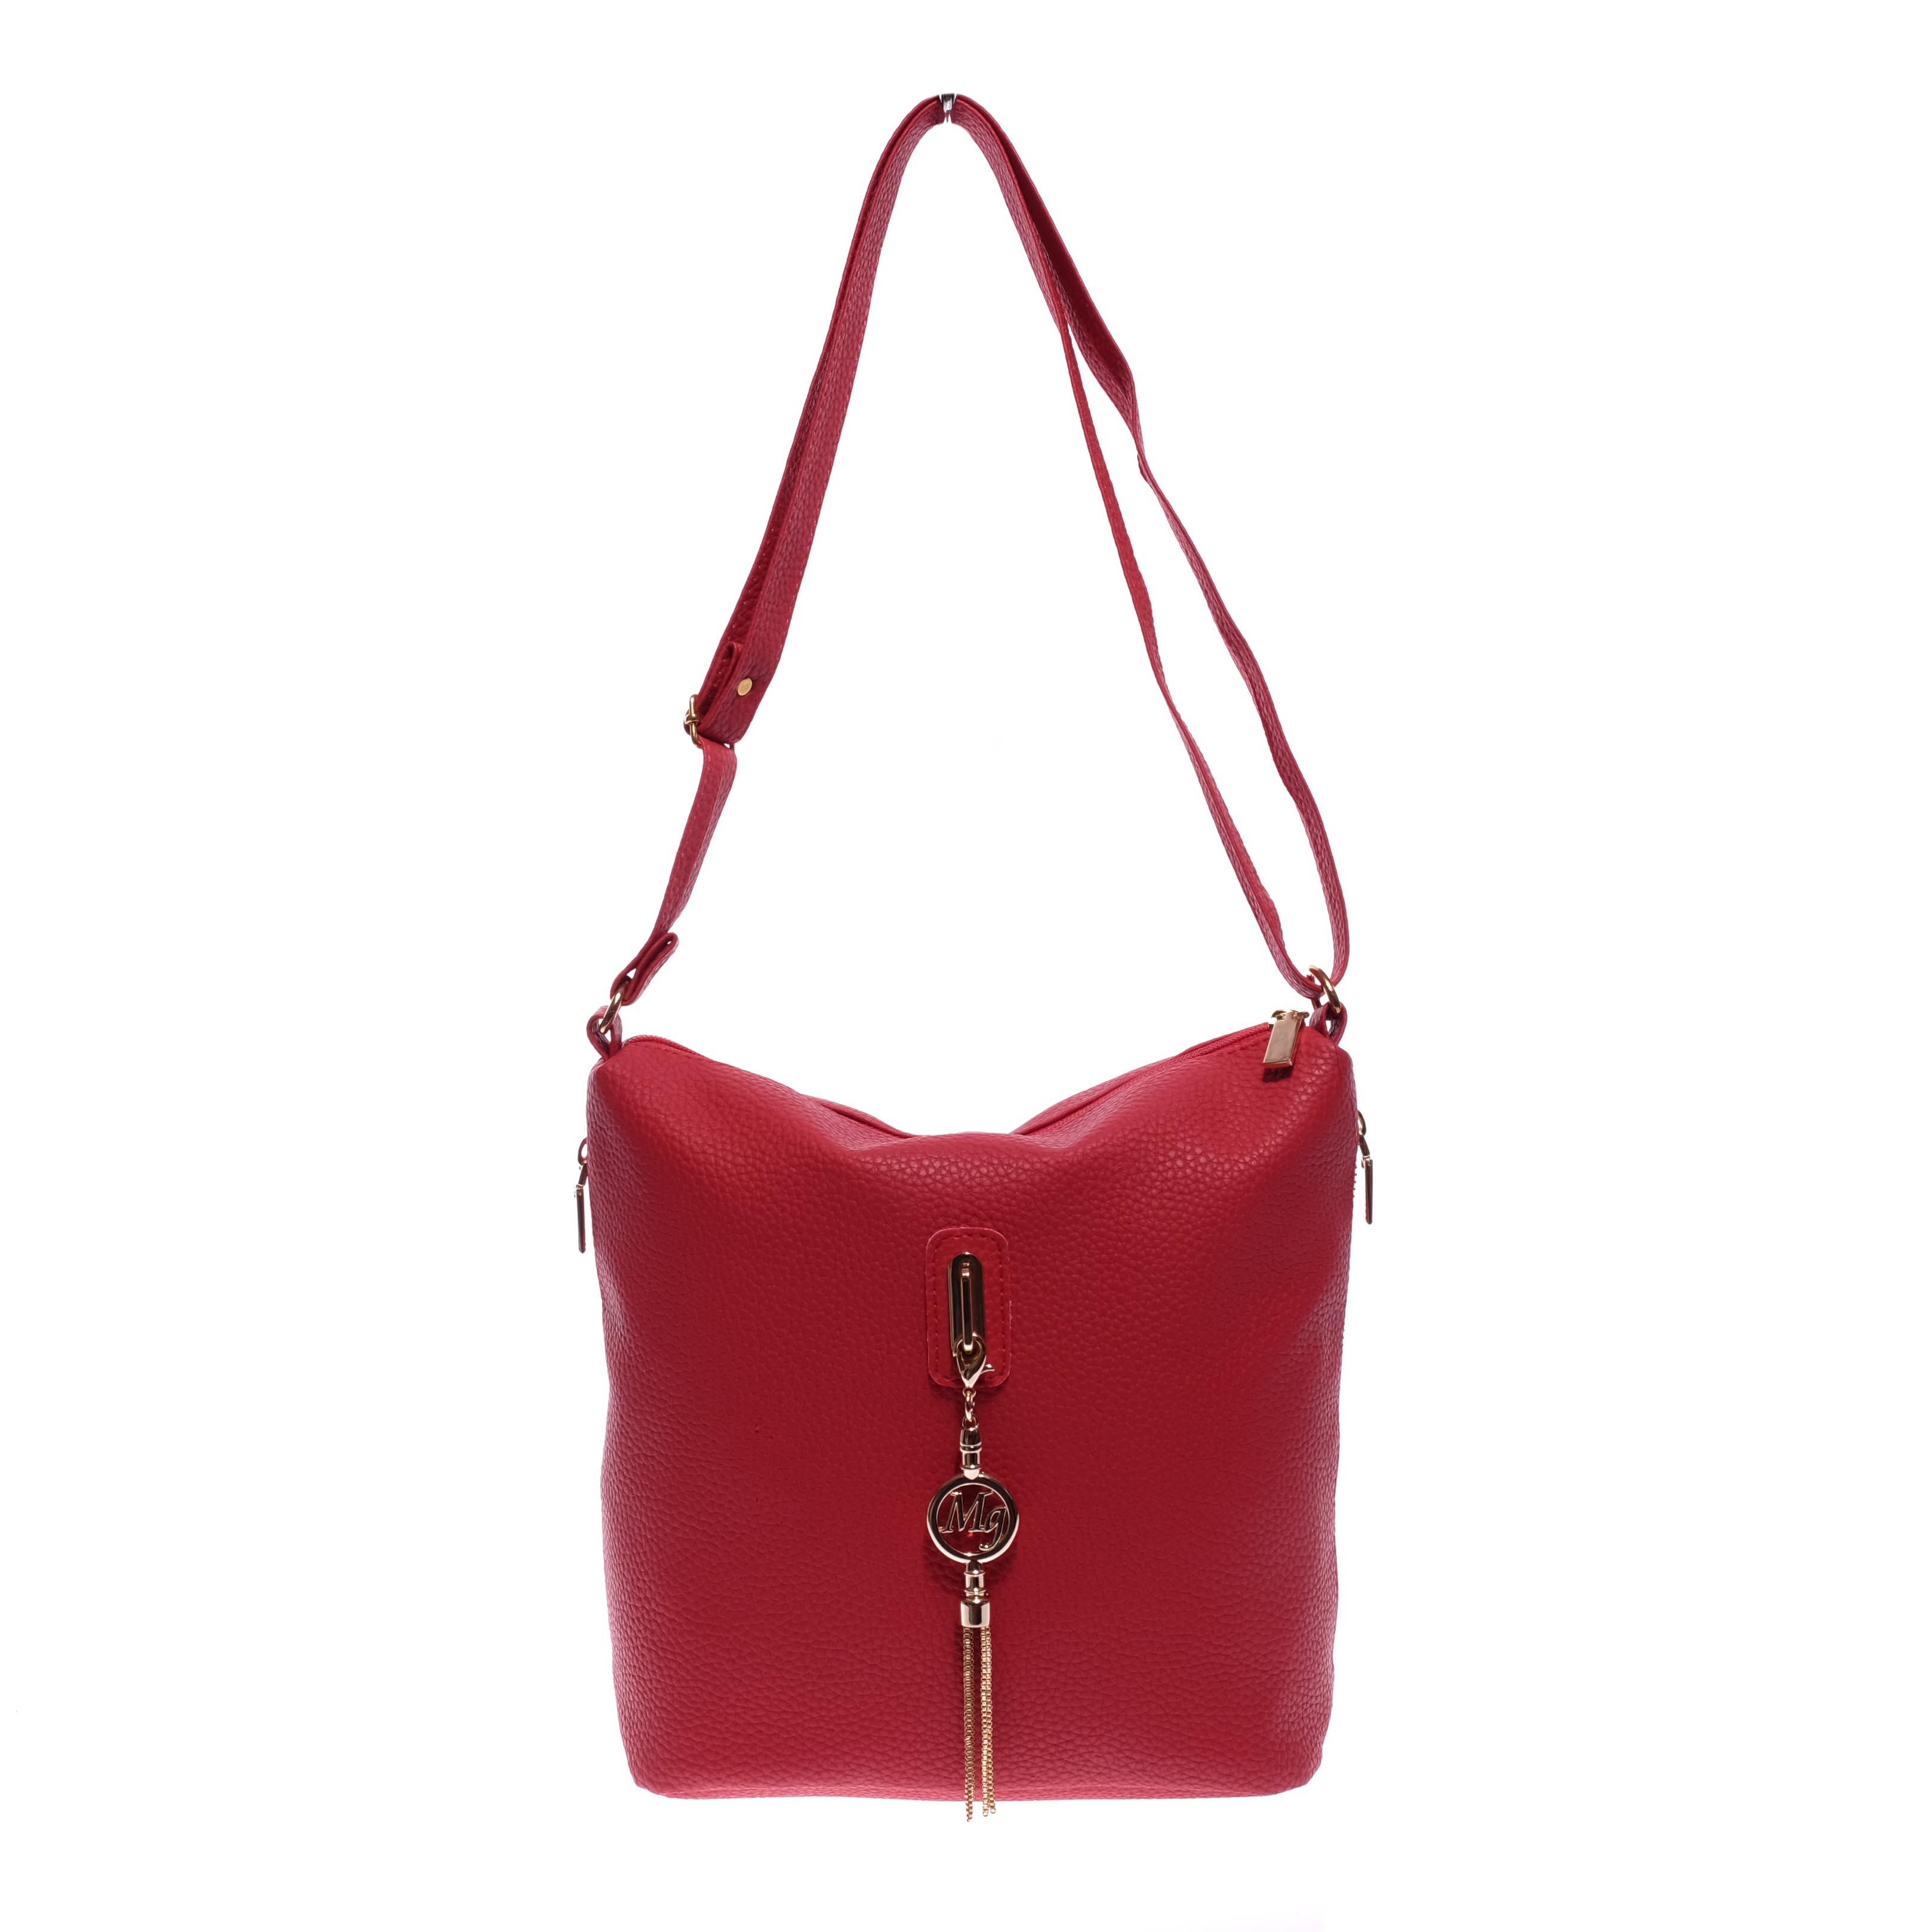 Prestige Rostbőr Piros Női Válltáska - Válltáskák - Táska webáruház - Minőségi  táskák mindenkinek e8c9ec751d